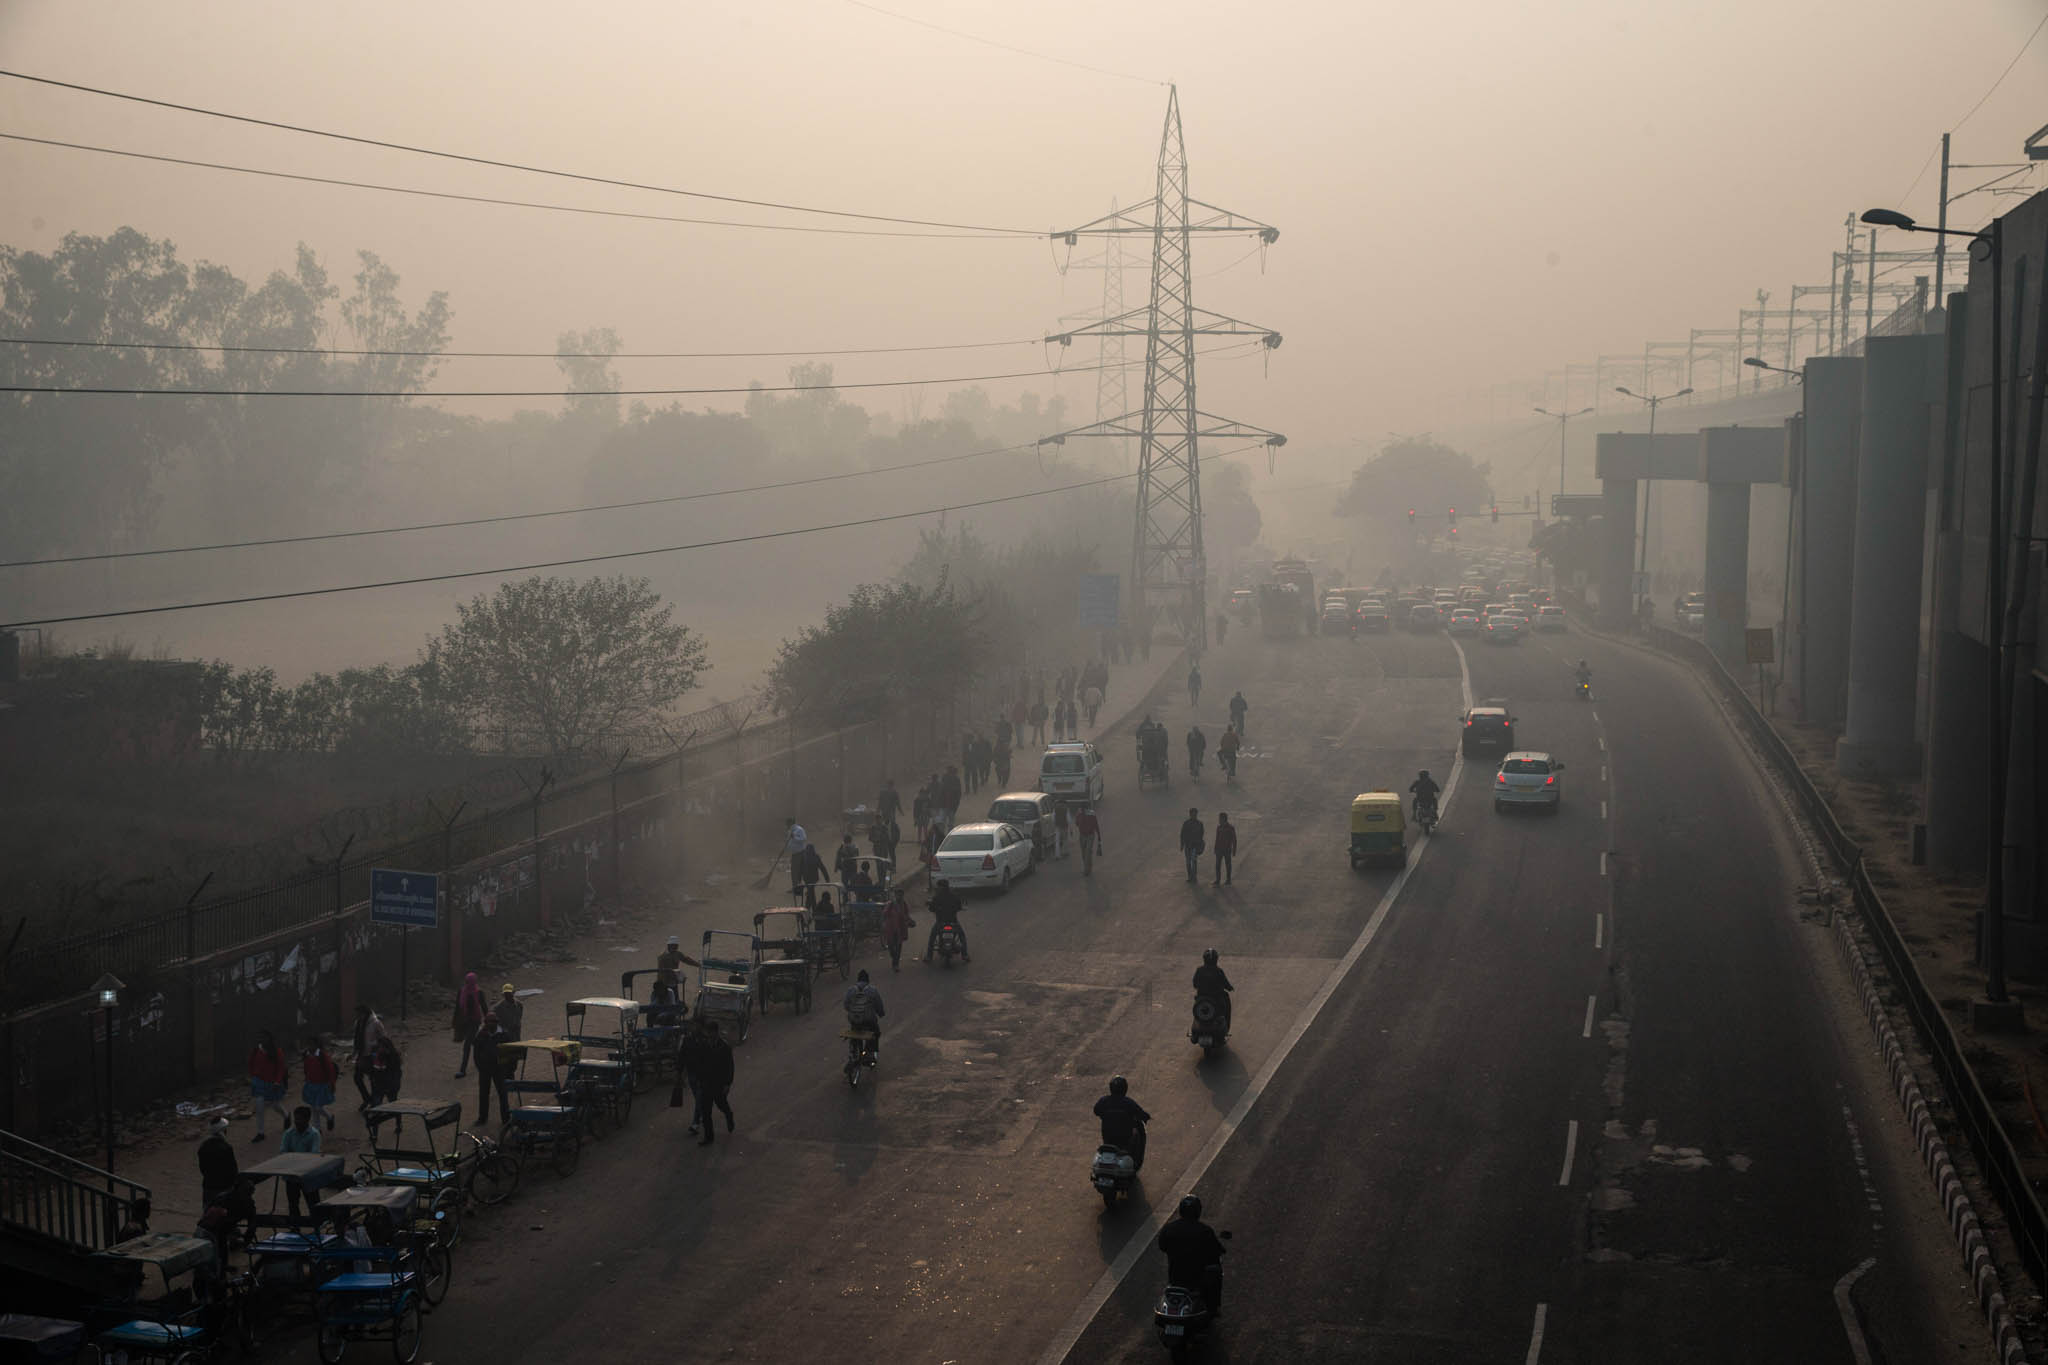 Esmog sobre una calle concurrida (© AP Images)